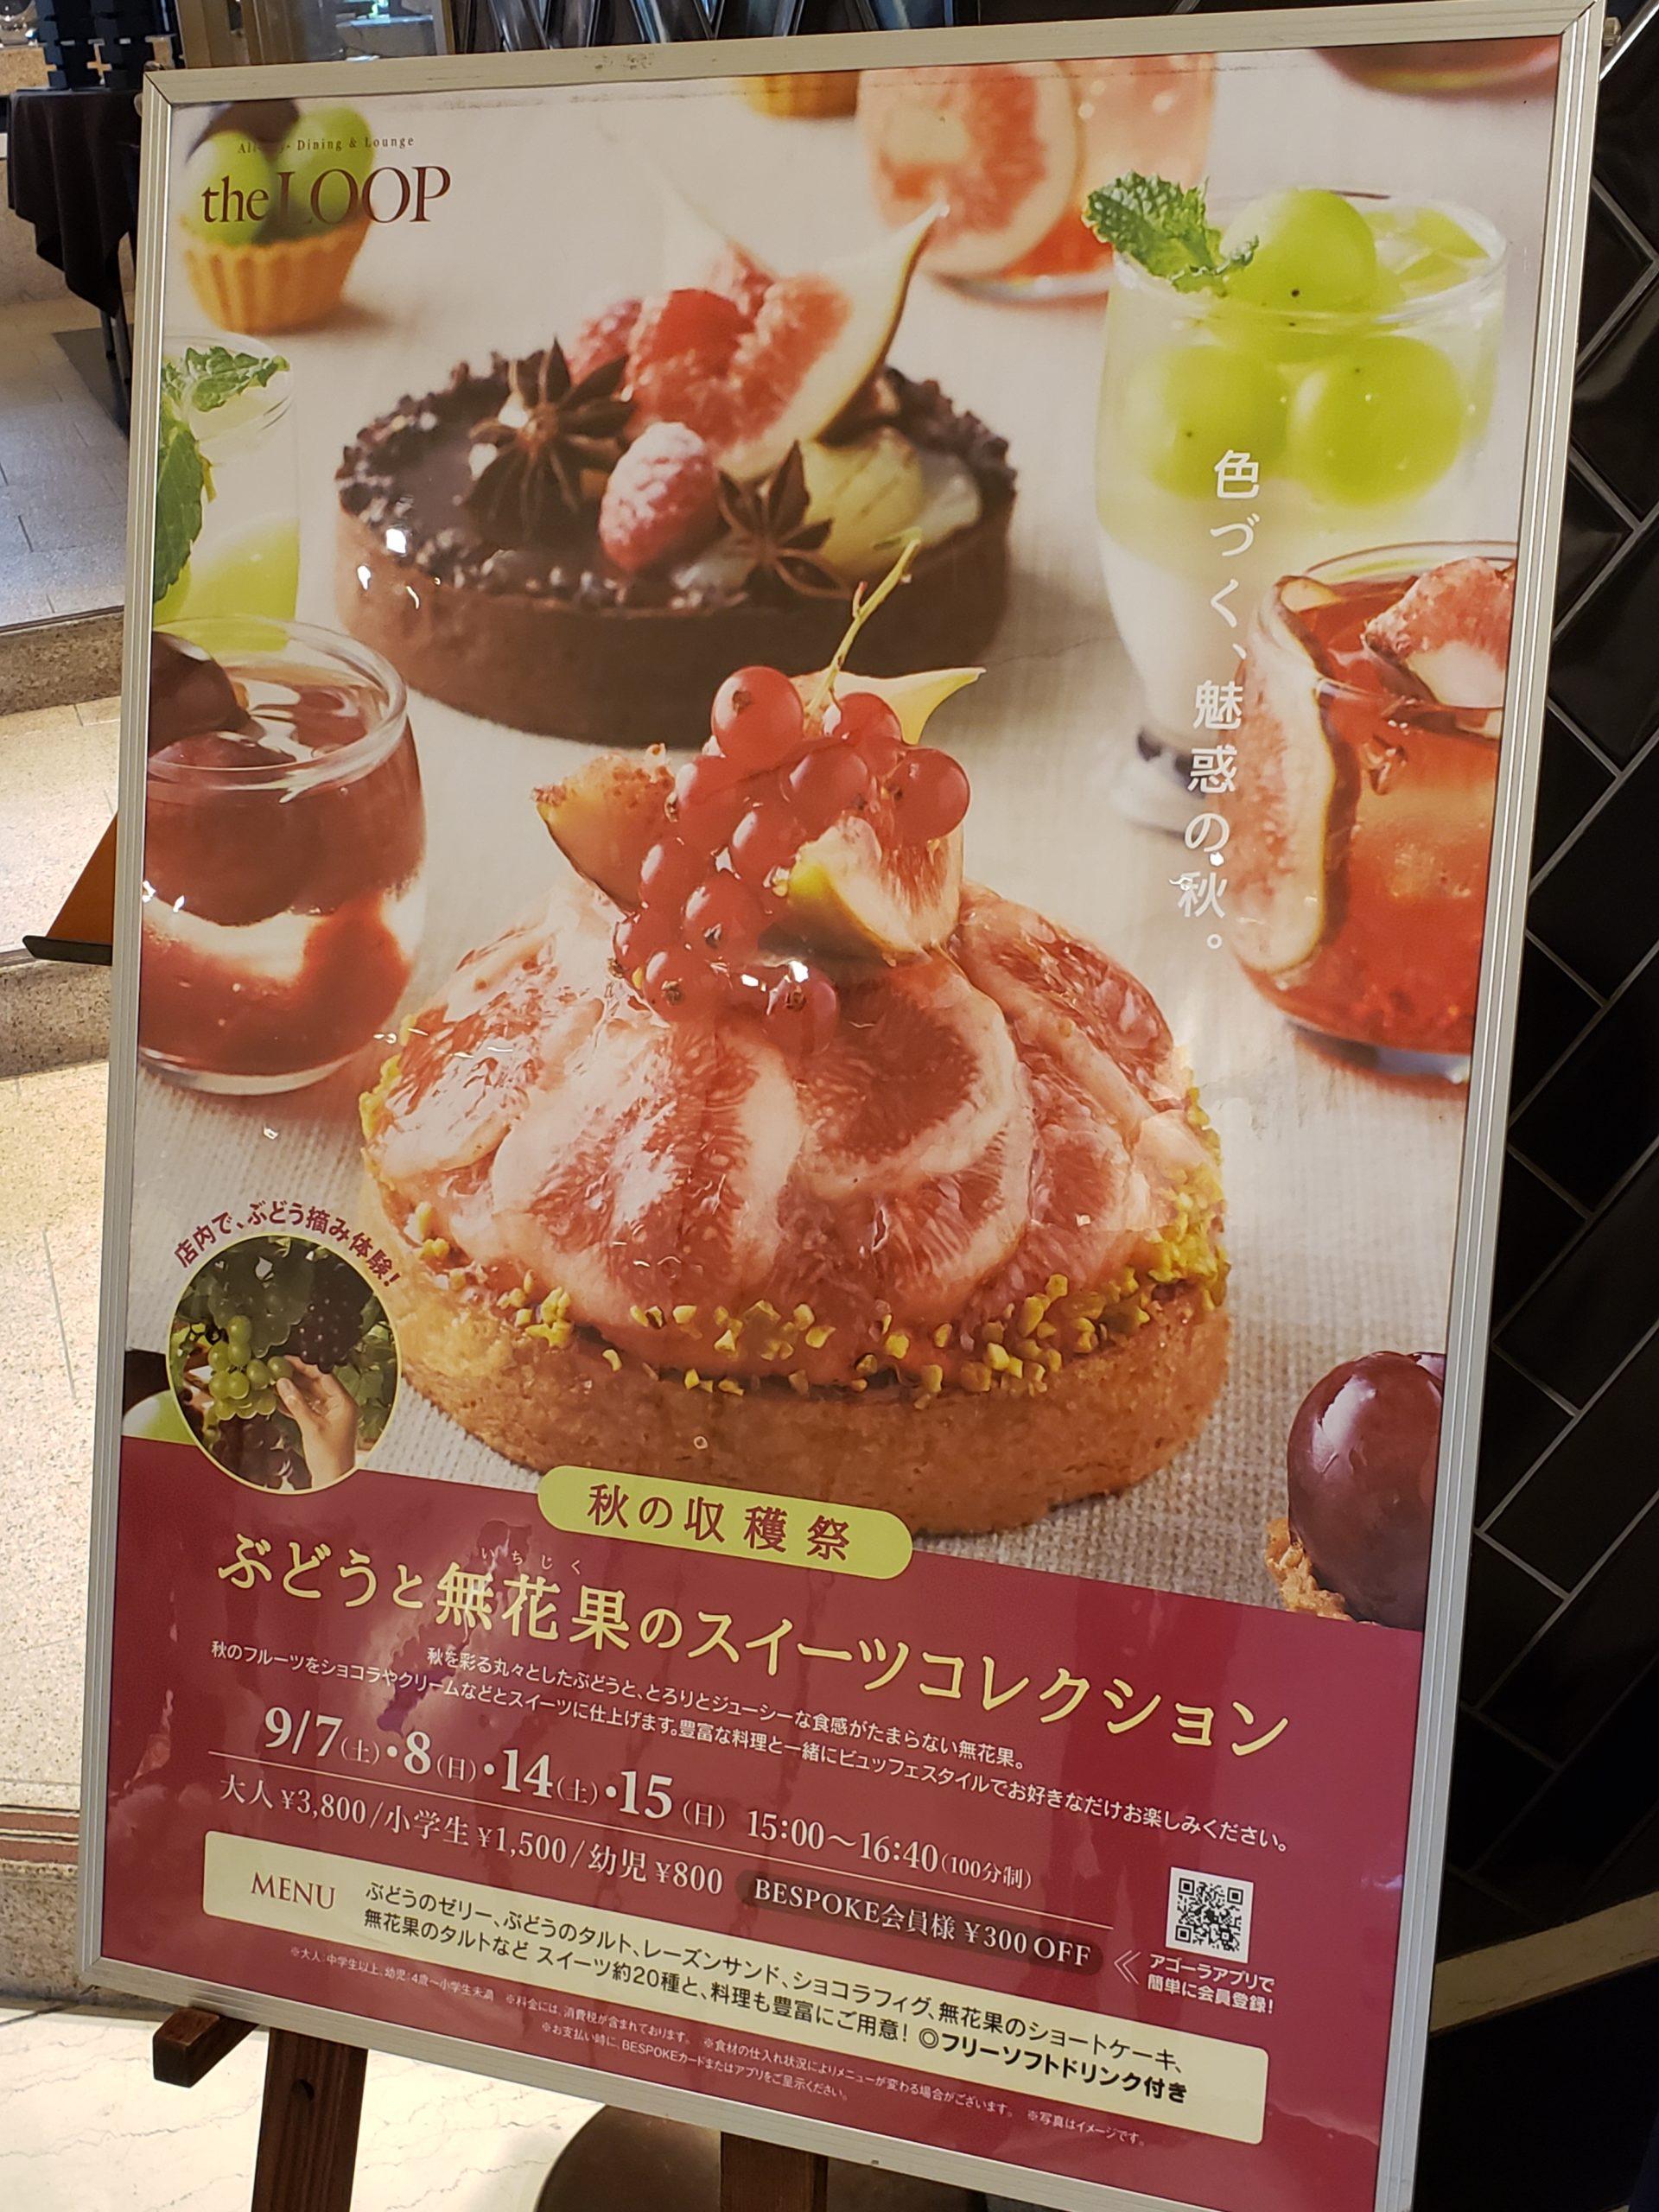 ホテルアゴーラ大阪守口 the LOOP 訪問日 9/7 前編